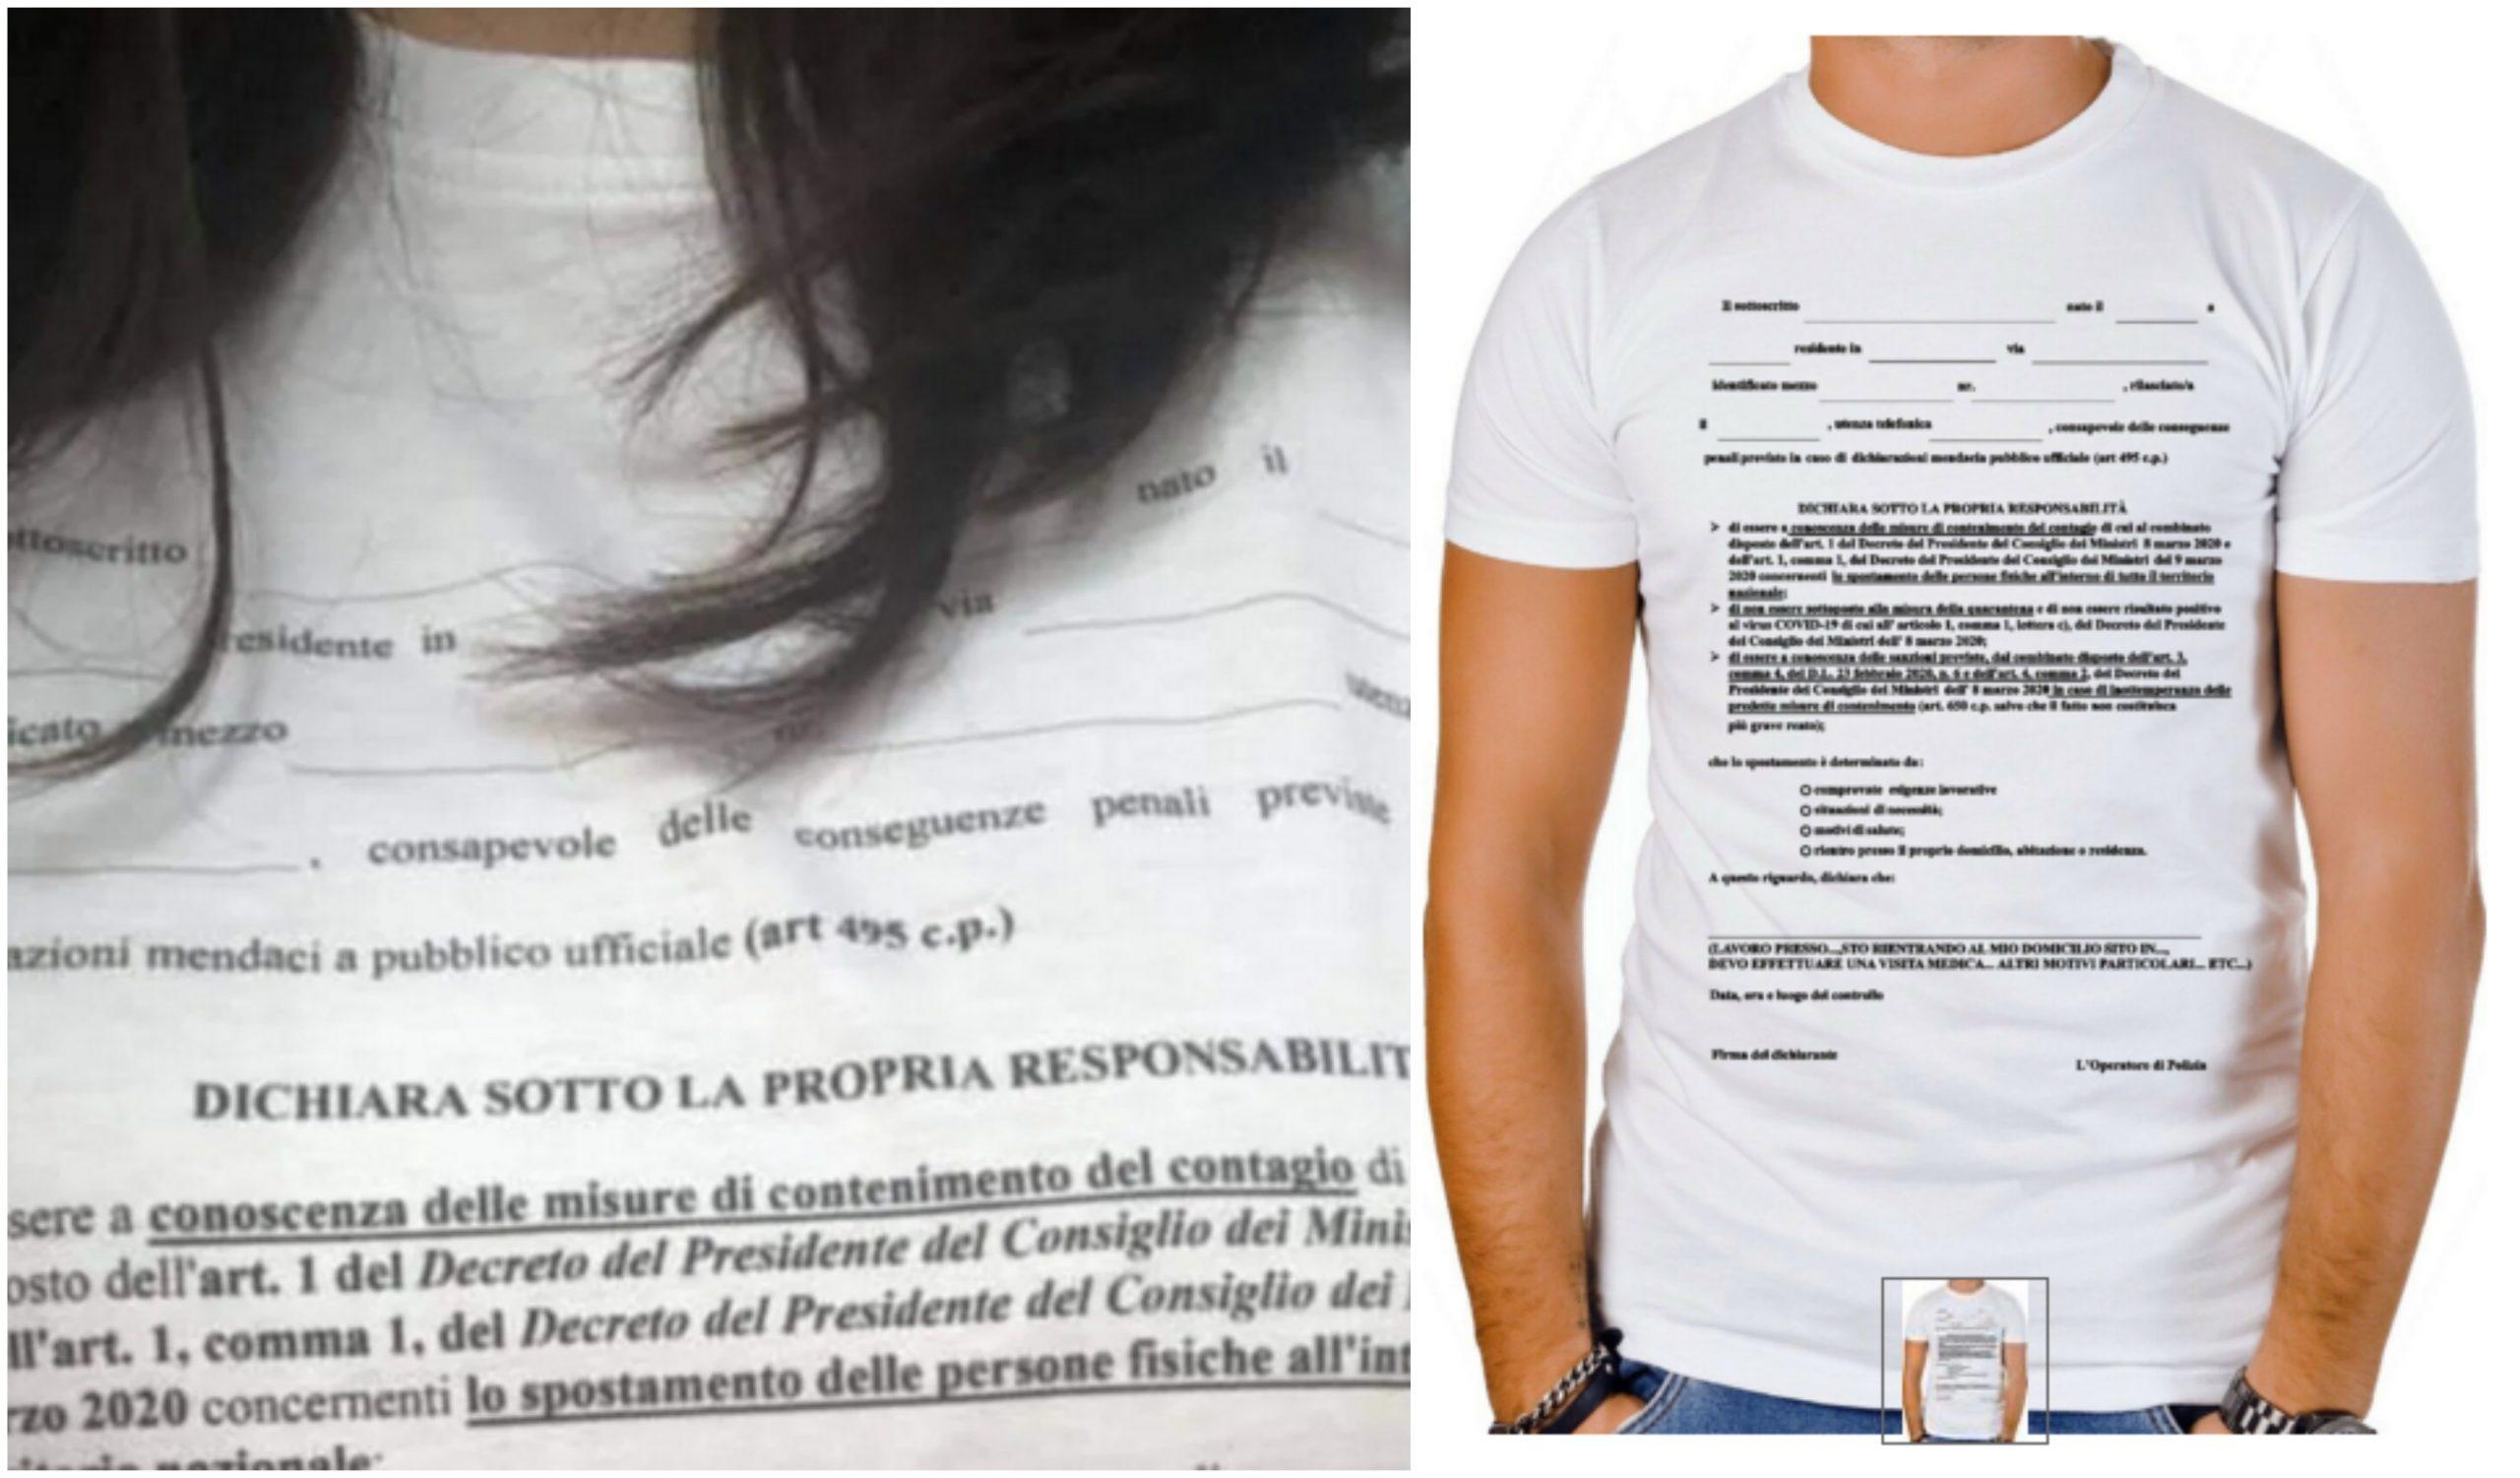 Su ebay la t-shirt con l'autocertificazione